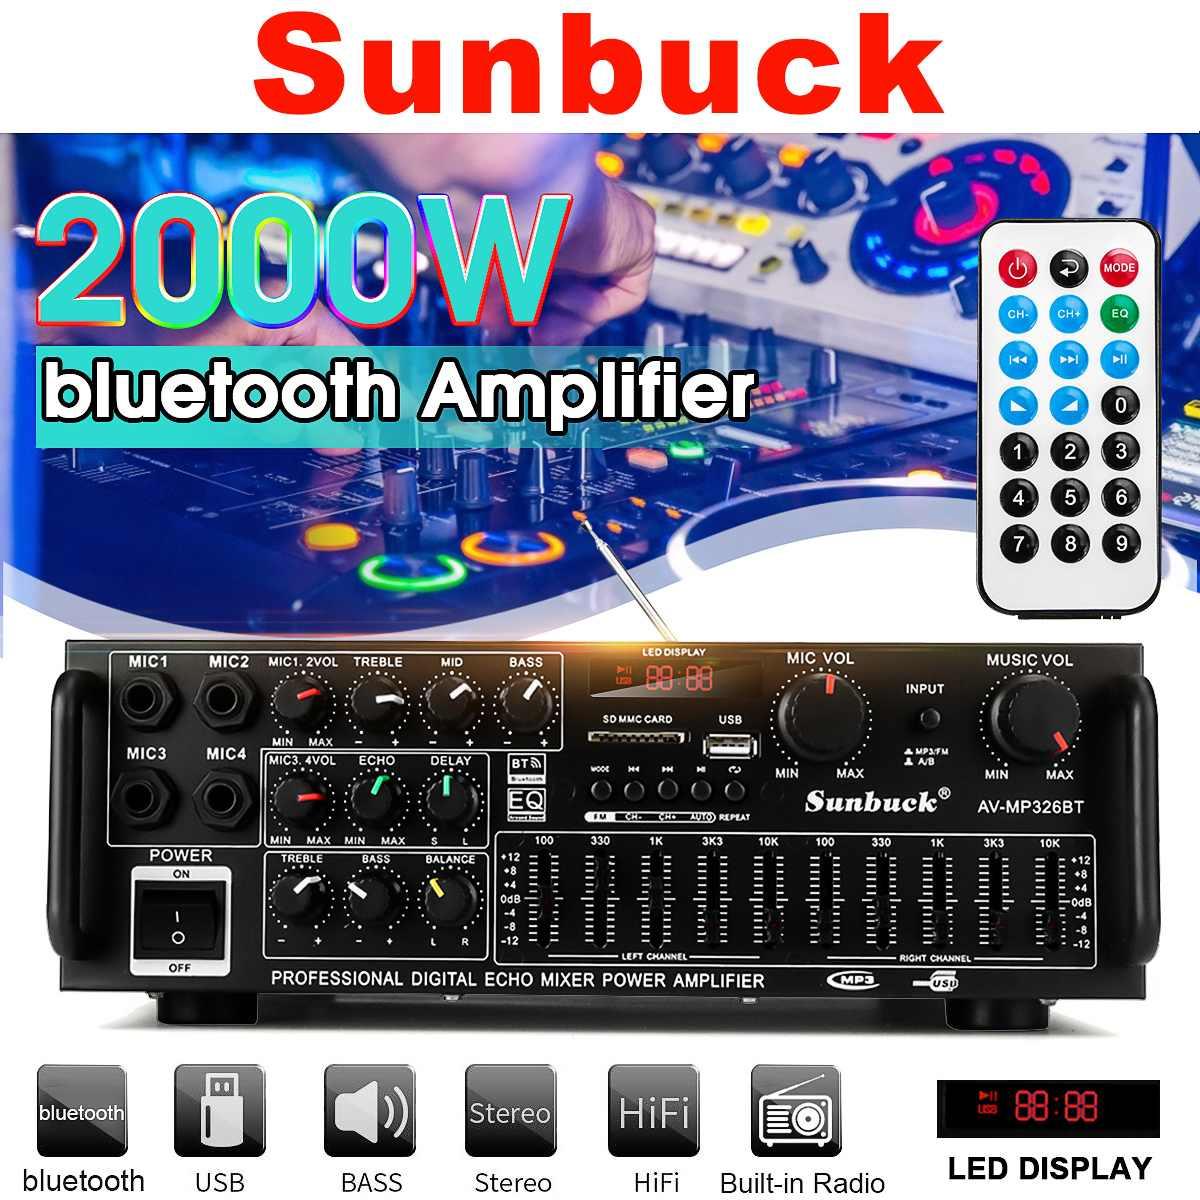 2000 W 110 V/220 V 2 canaux bluetooth maison stéréo puissance amplificateur Audio USB SD amplificateurs à distance amplificateur de Subwoofer